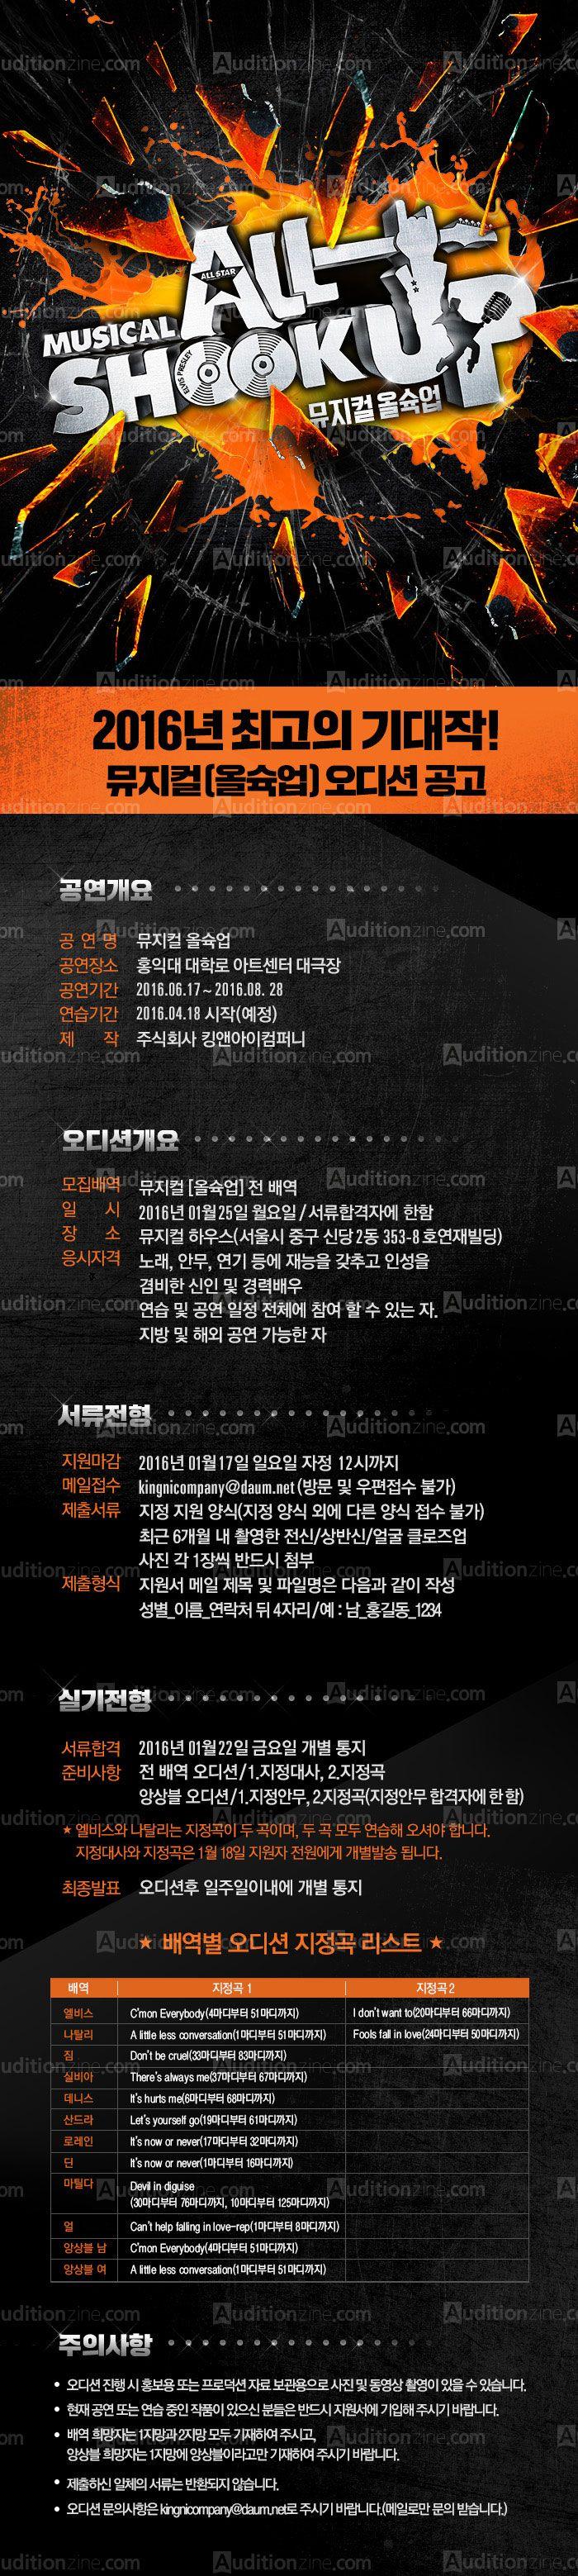 2016 뮤지컬 '올슉업' 전배역 오디션 (1/17마감) | 오디션진닷컴 :: AuditionZine.com - 오디션 경연대회 캐스팅 실용음악 실용댄스